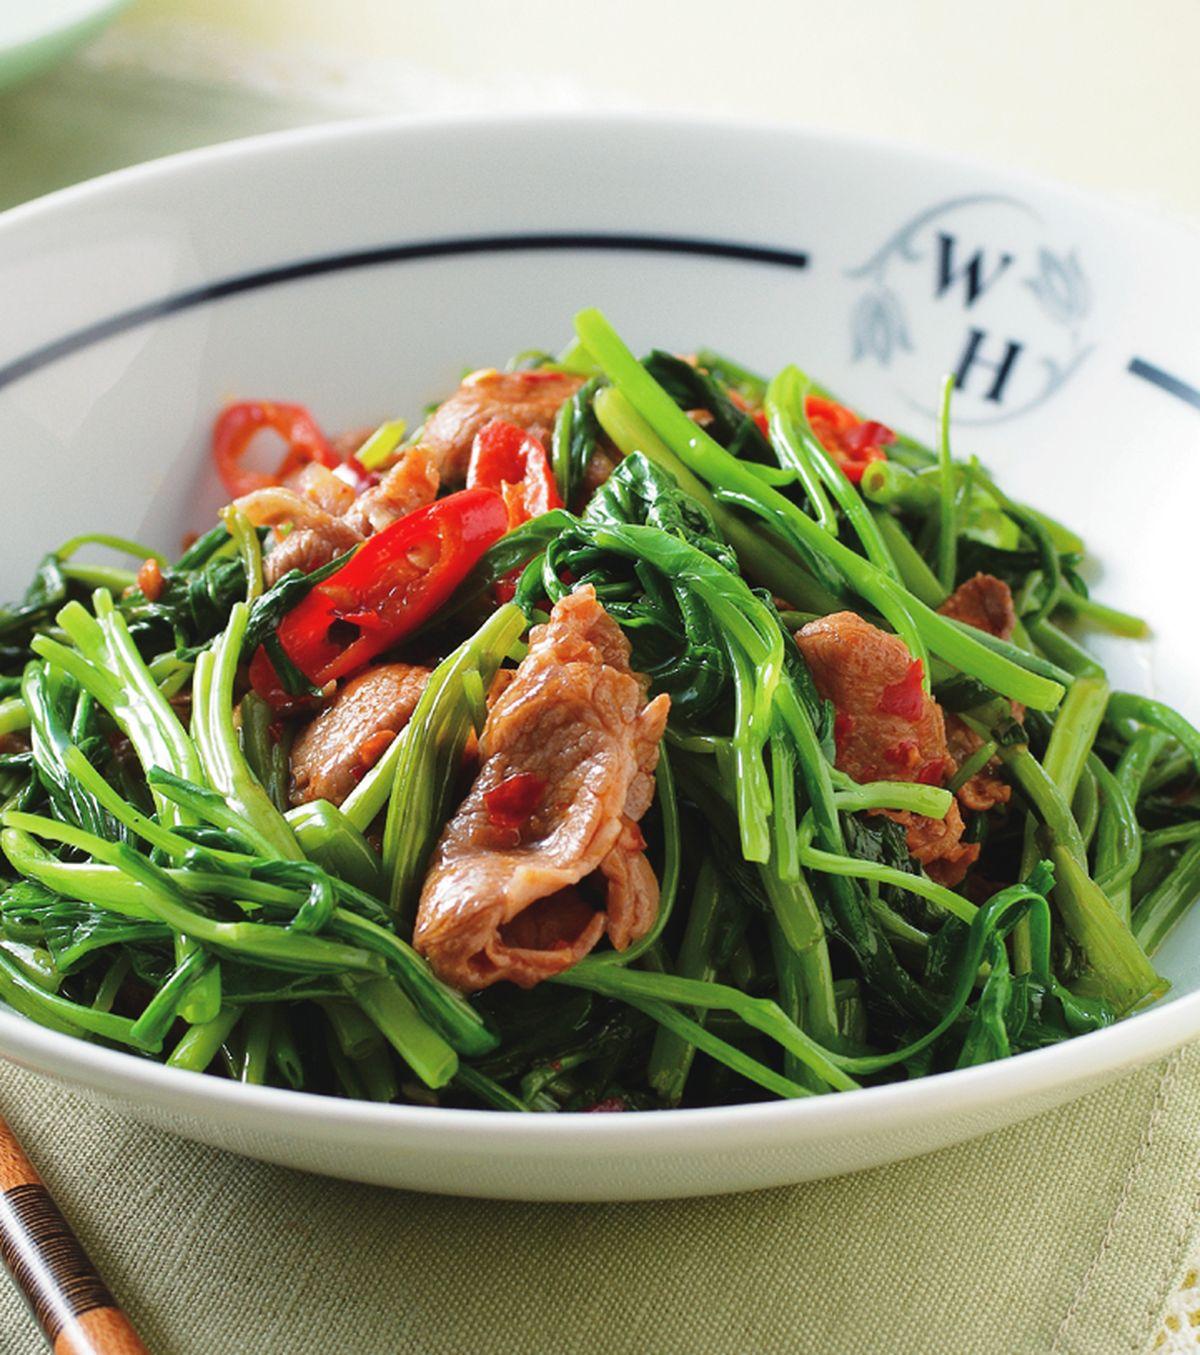 食譜:辣炒羊肉空心菜